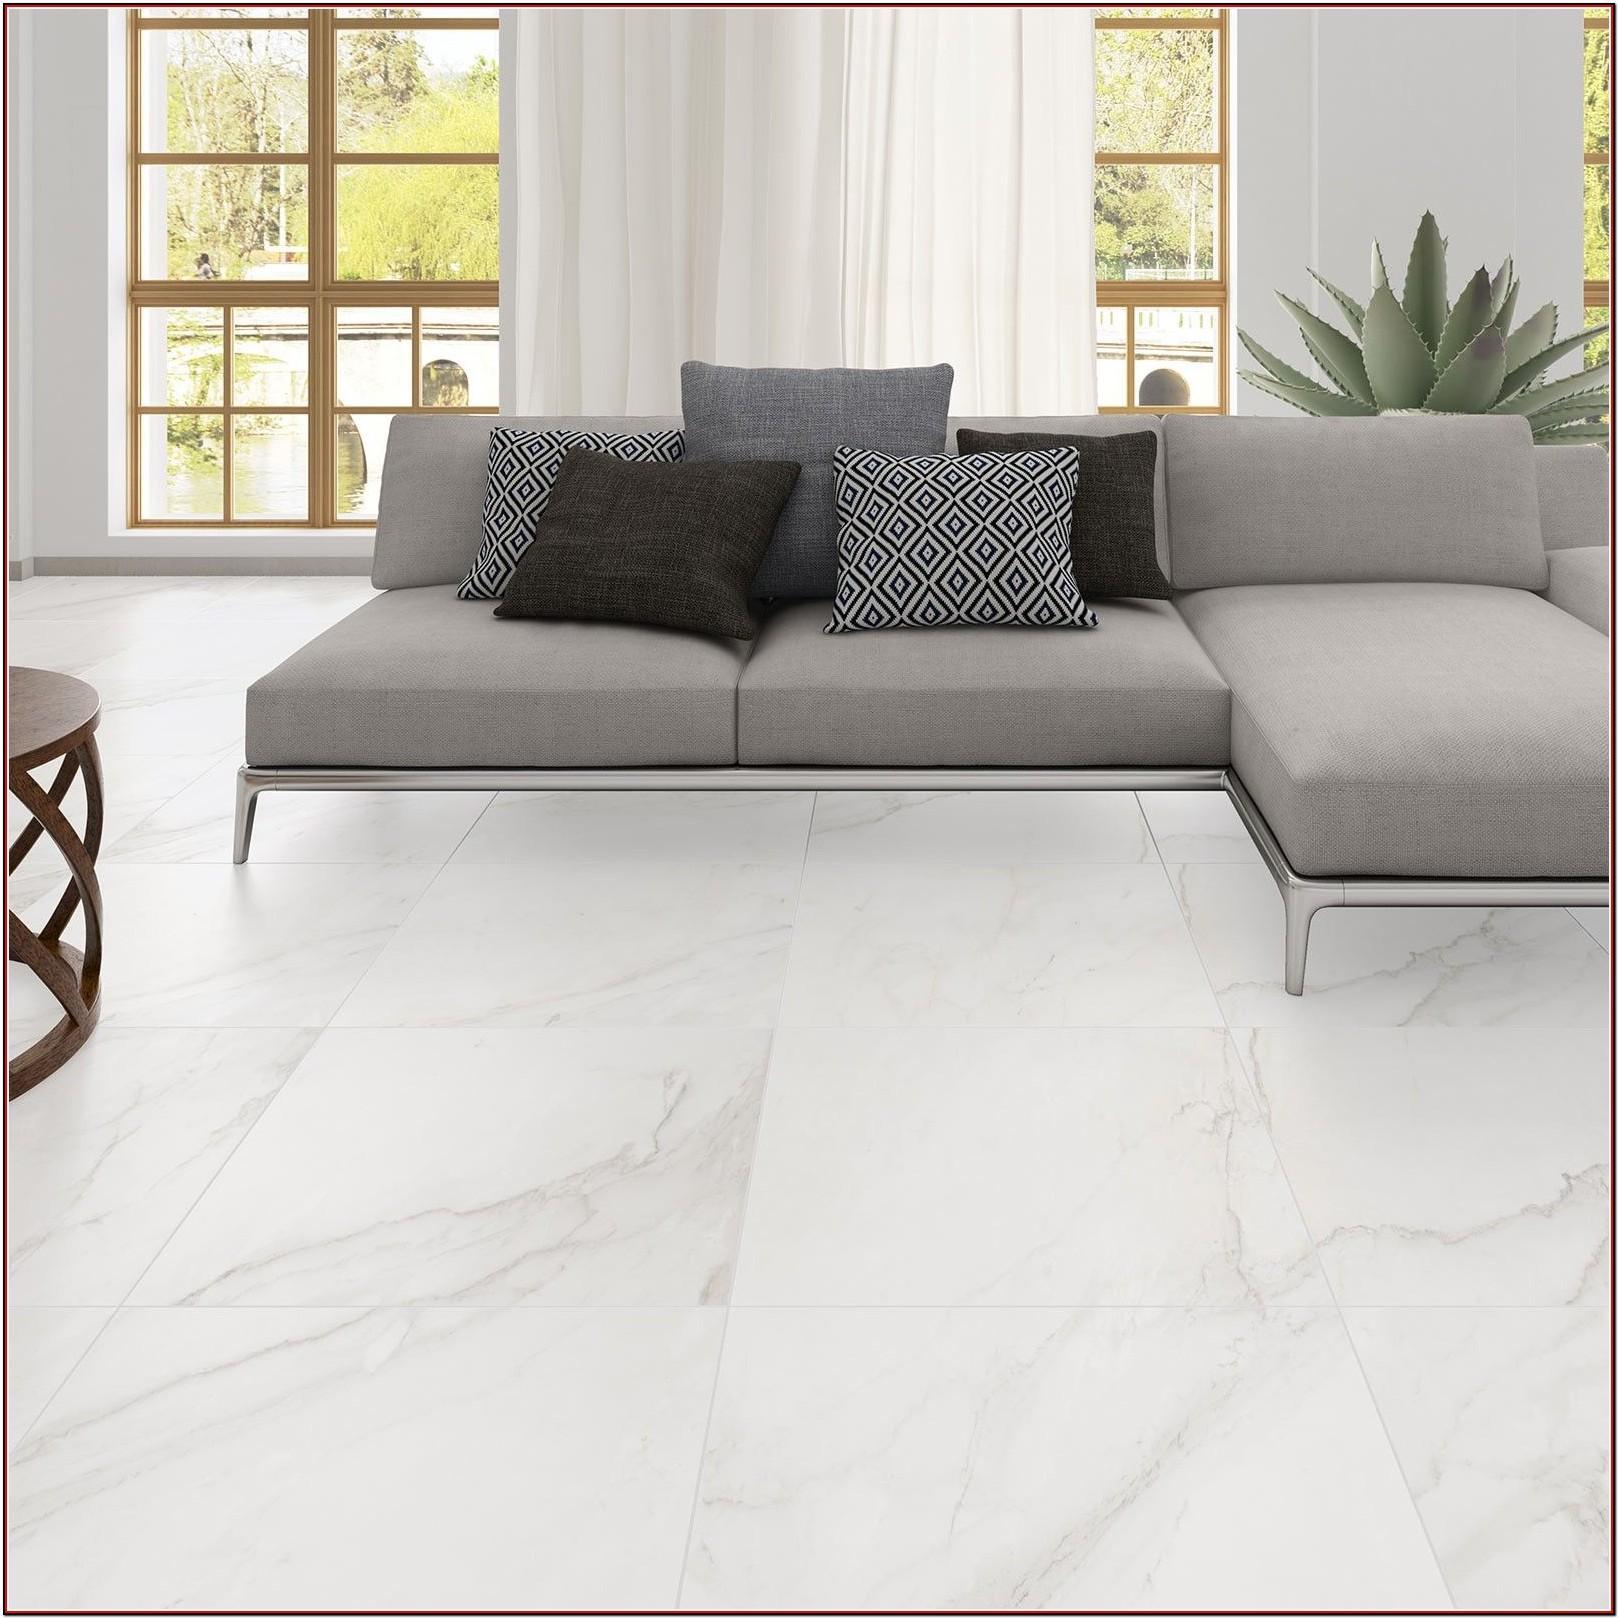 Large White Tiles For Living Room